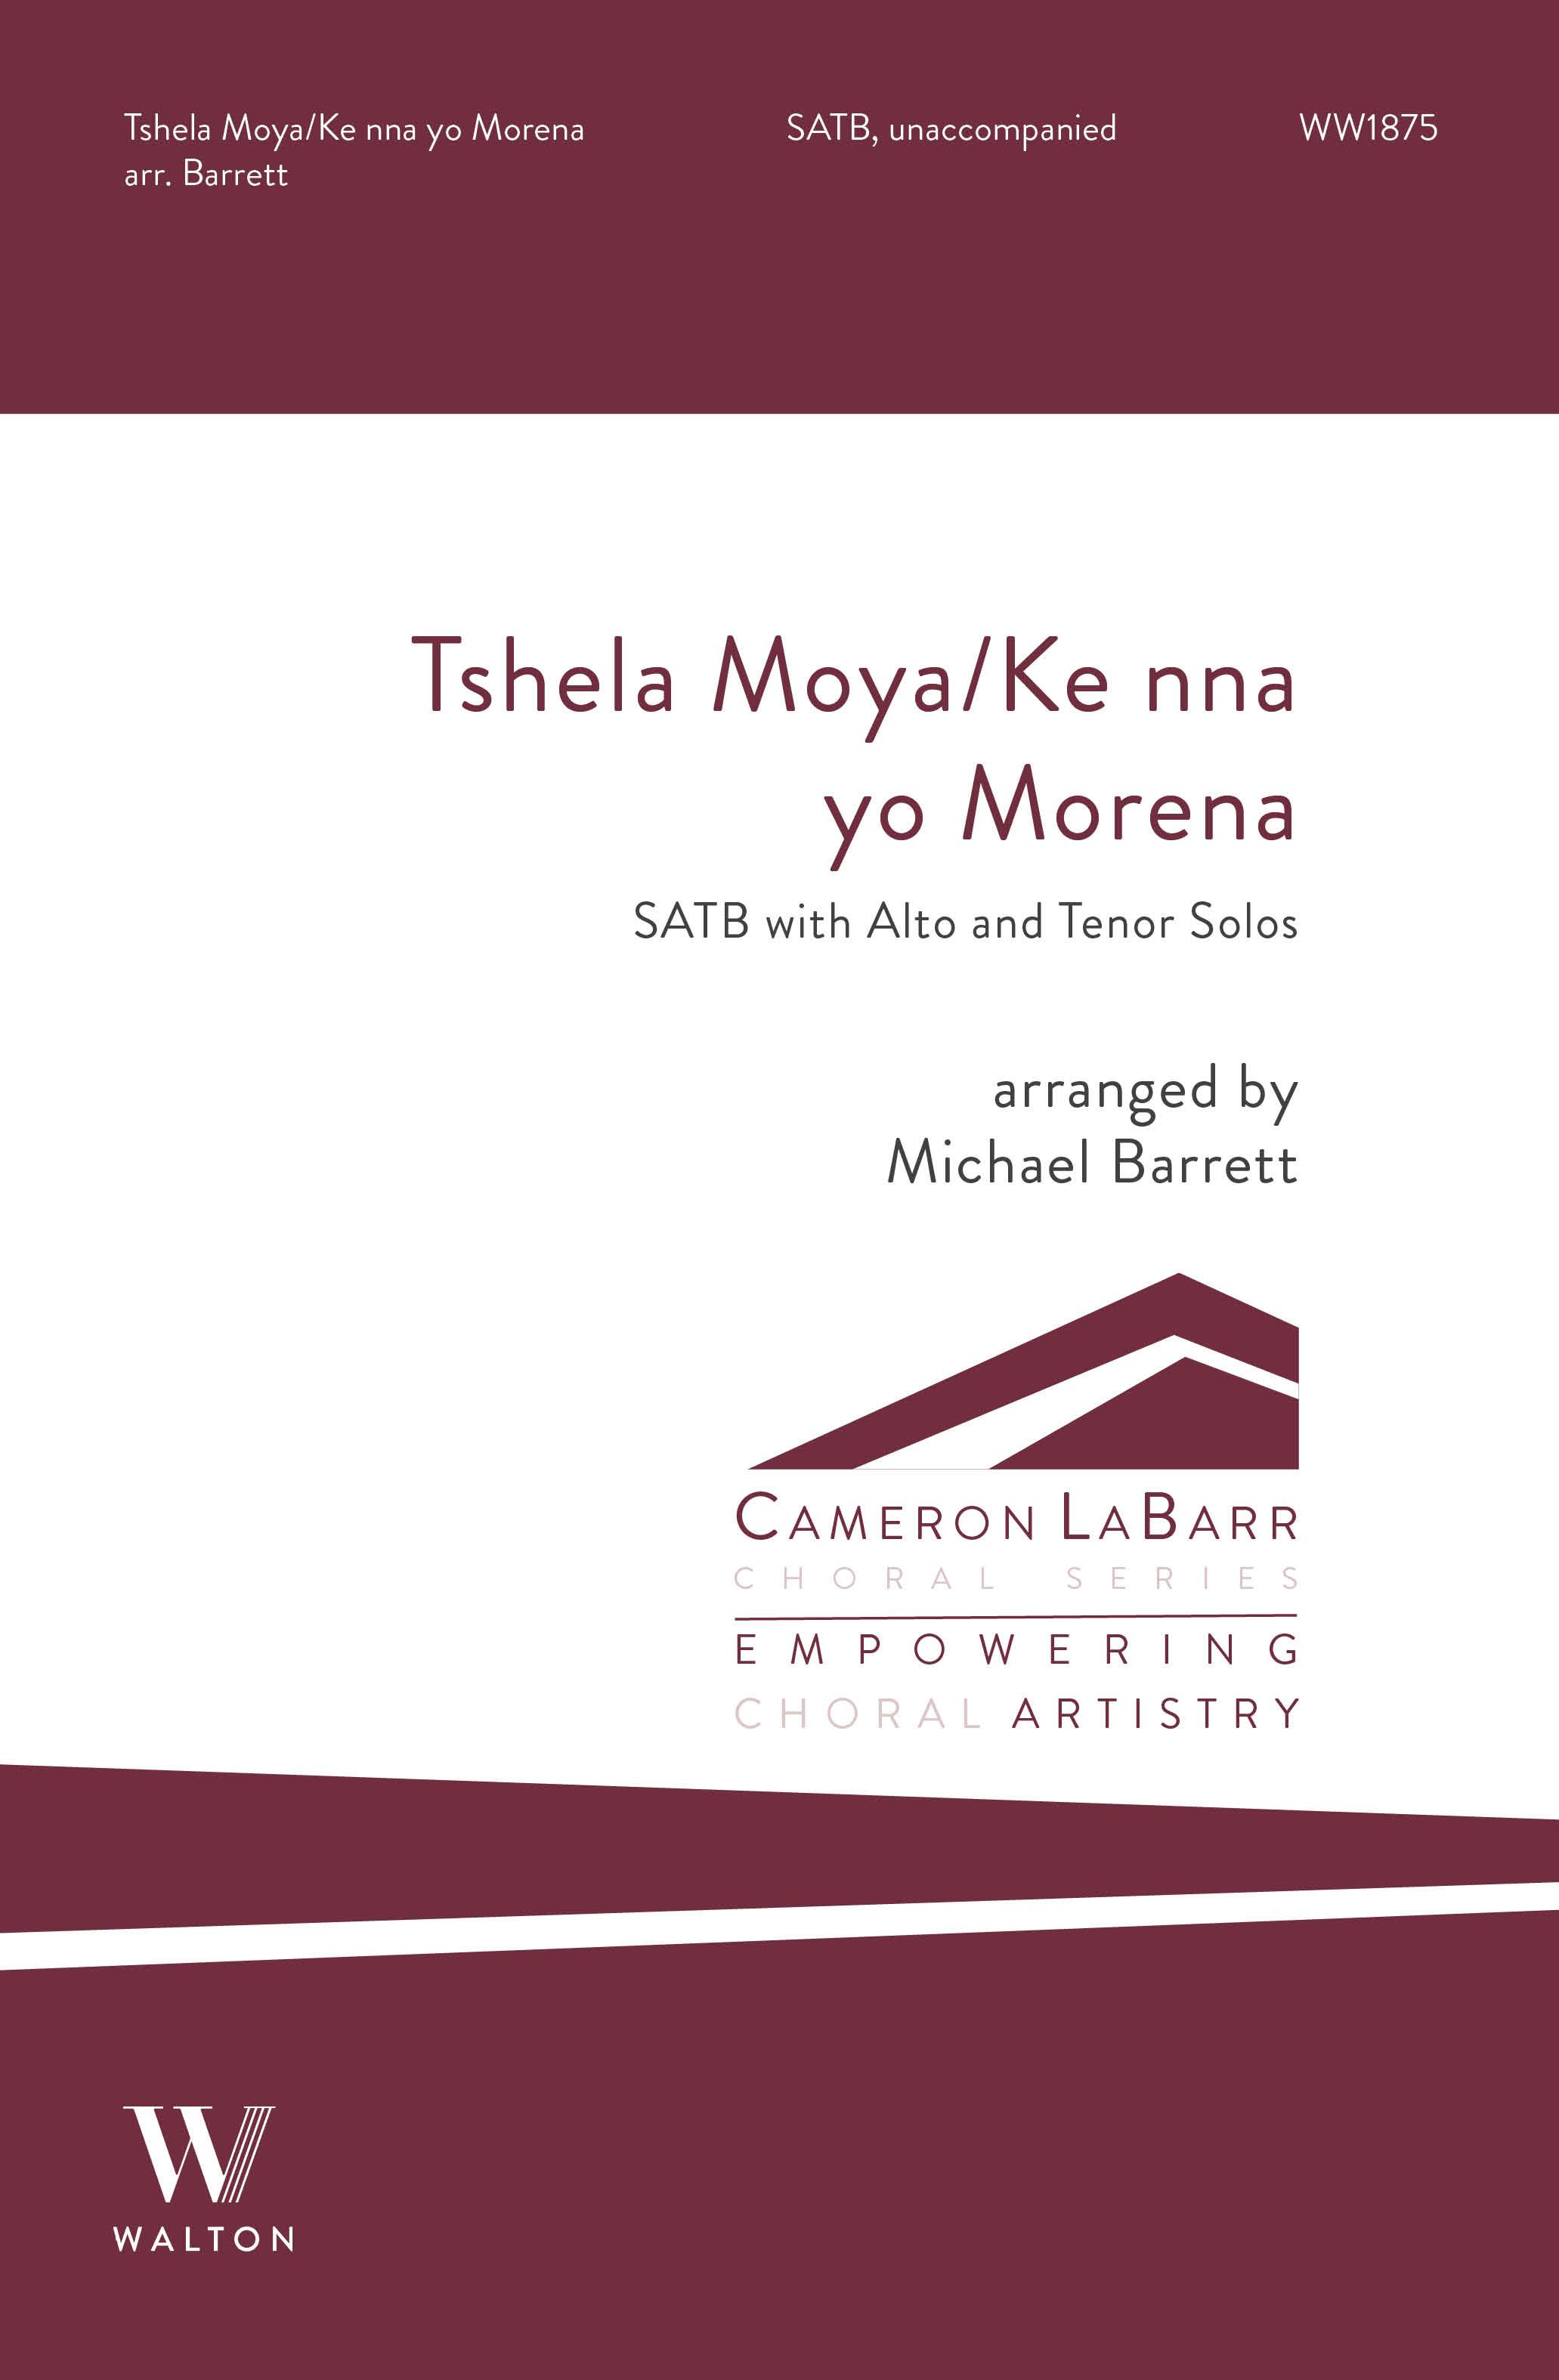 Tshela Moya/Ke nna yo Morena: Mixed Choir A Cappella: Choral Score